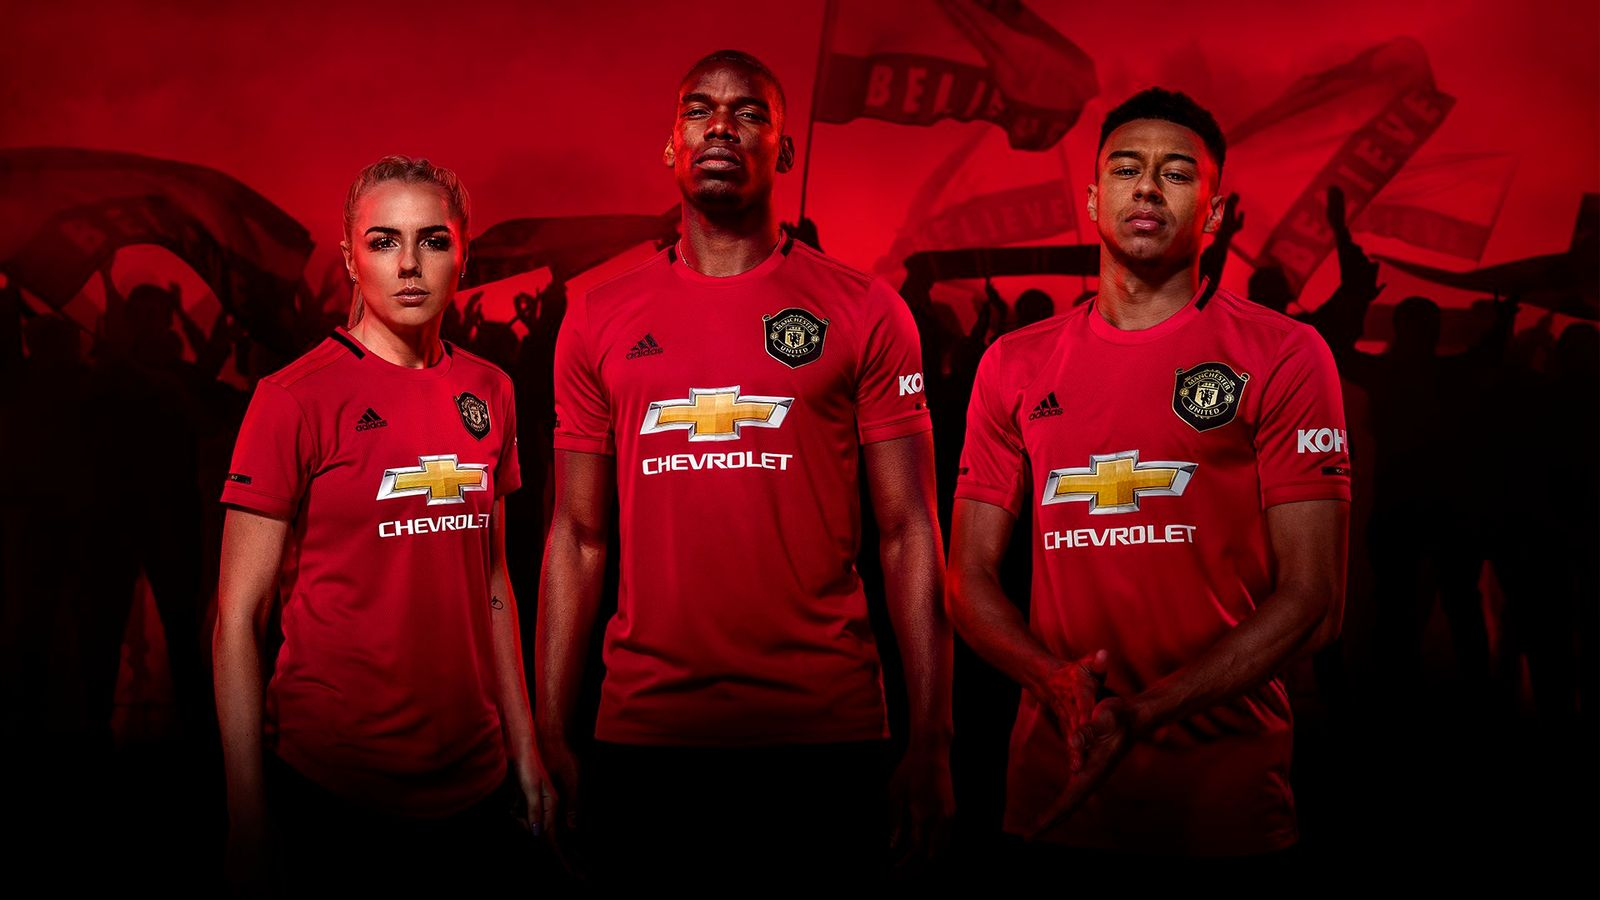 เปิดตัวชุดแข่ง!! เสื้อแมนยู ฤดูกาล 2019 – 2020